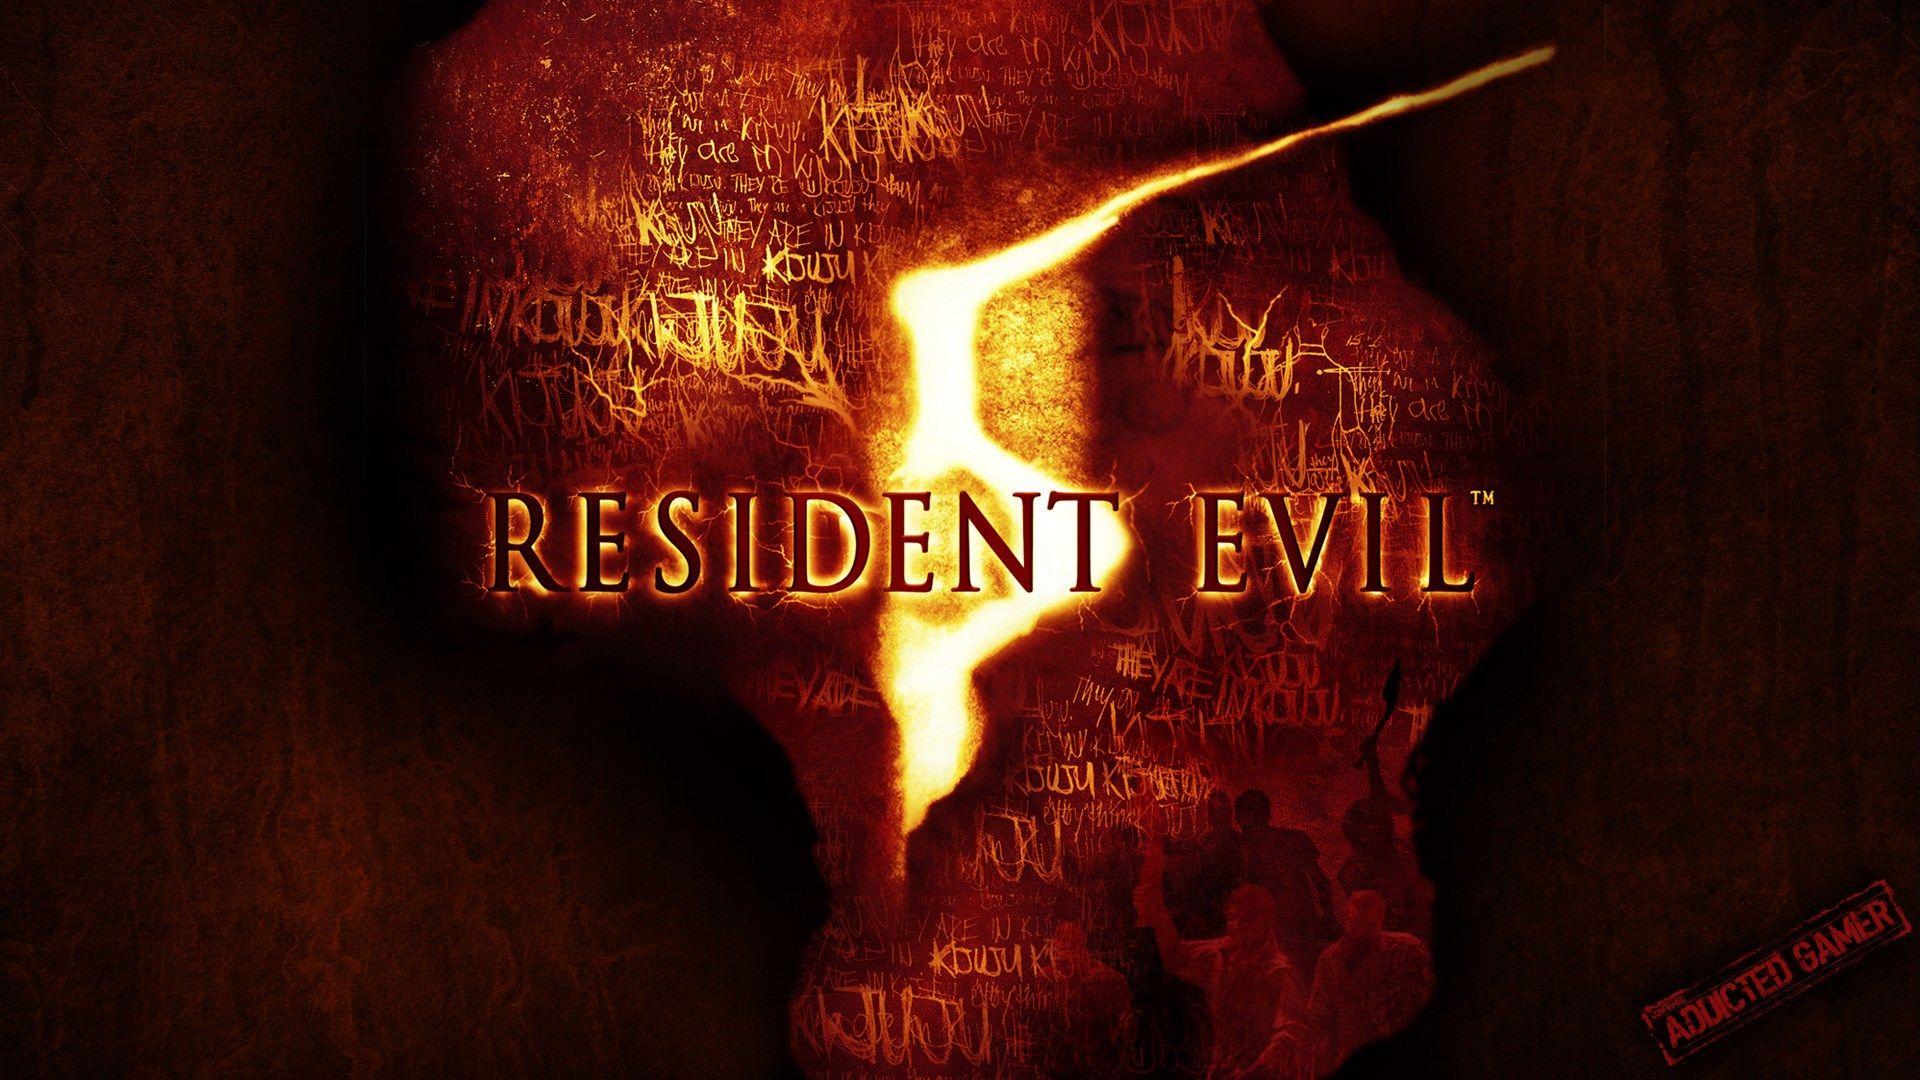 1920x1080 Resident Evil 5 Game Wallpaper Resident Evil 5